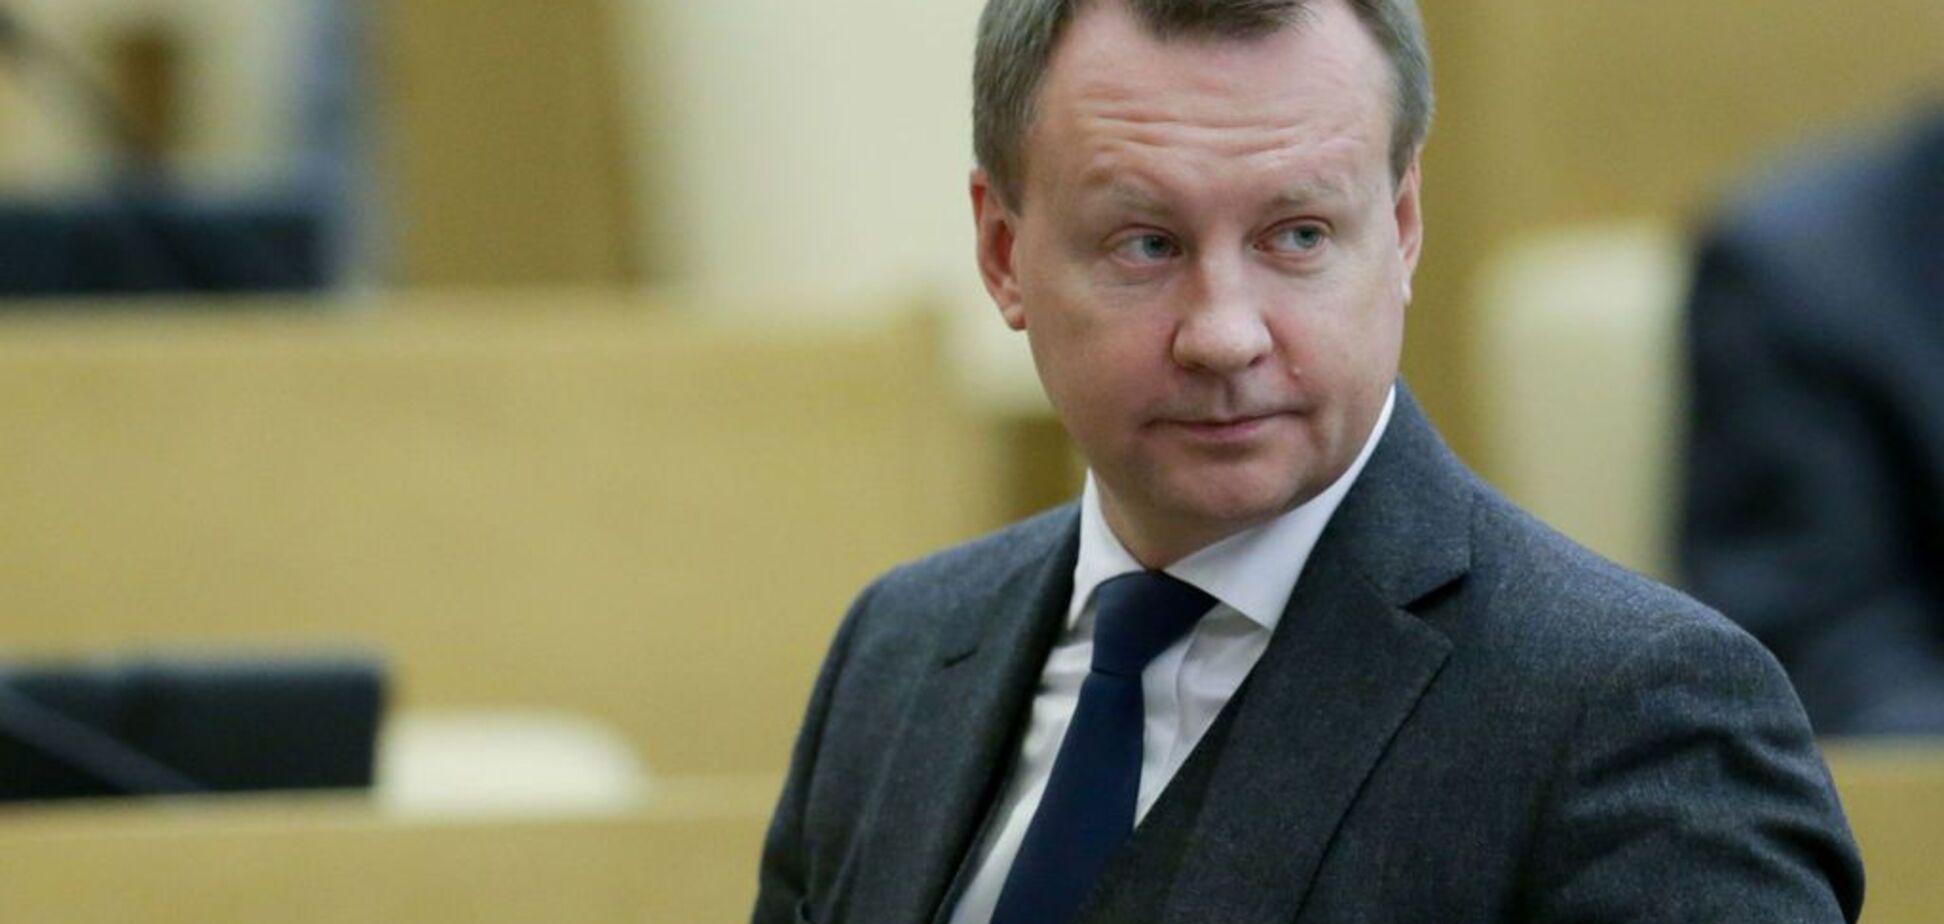 Убийство Вороненкова: в России решили судить мертвого экс-депутата Госдумы